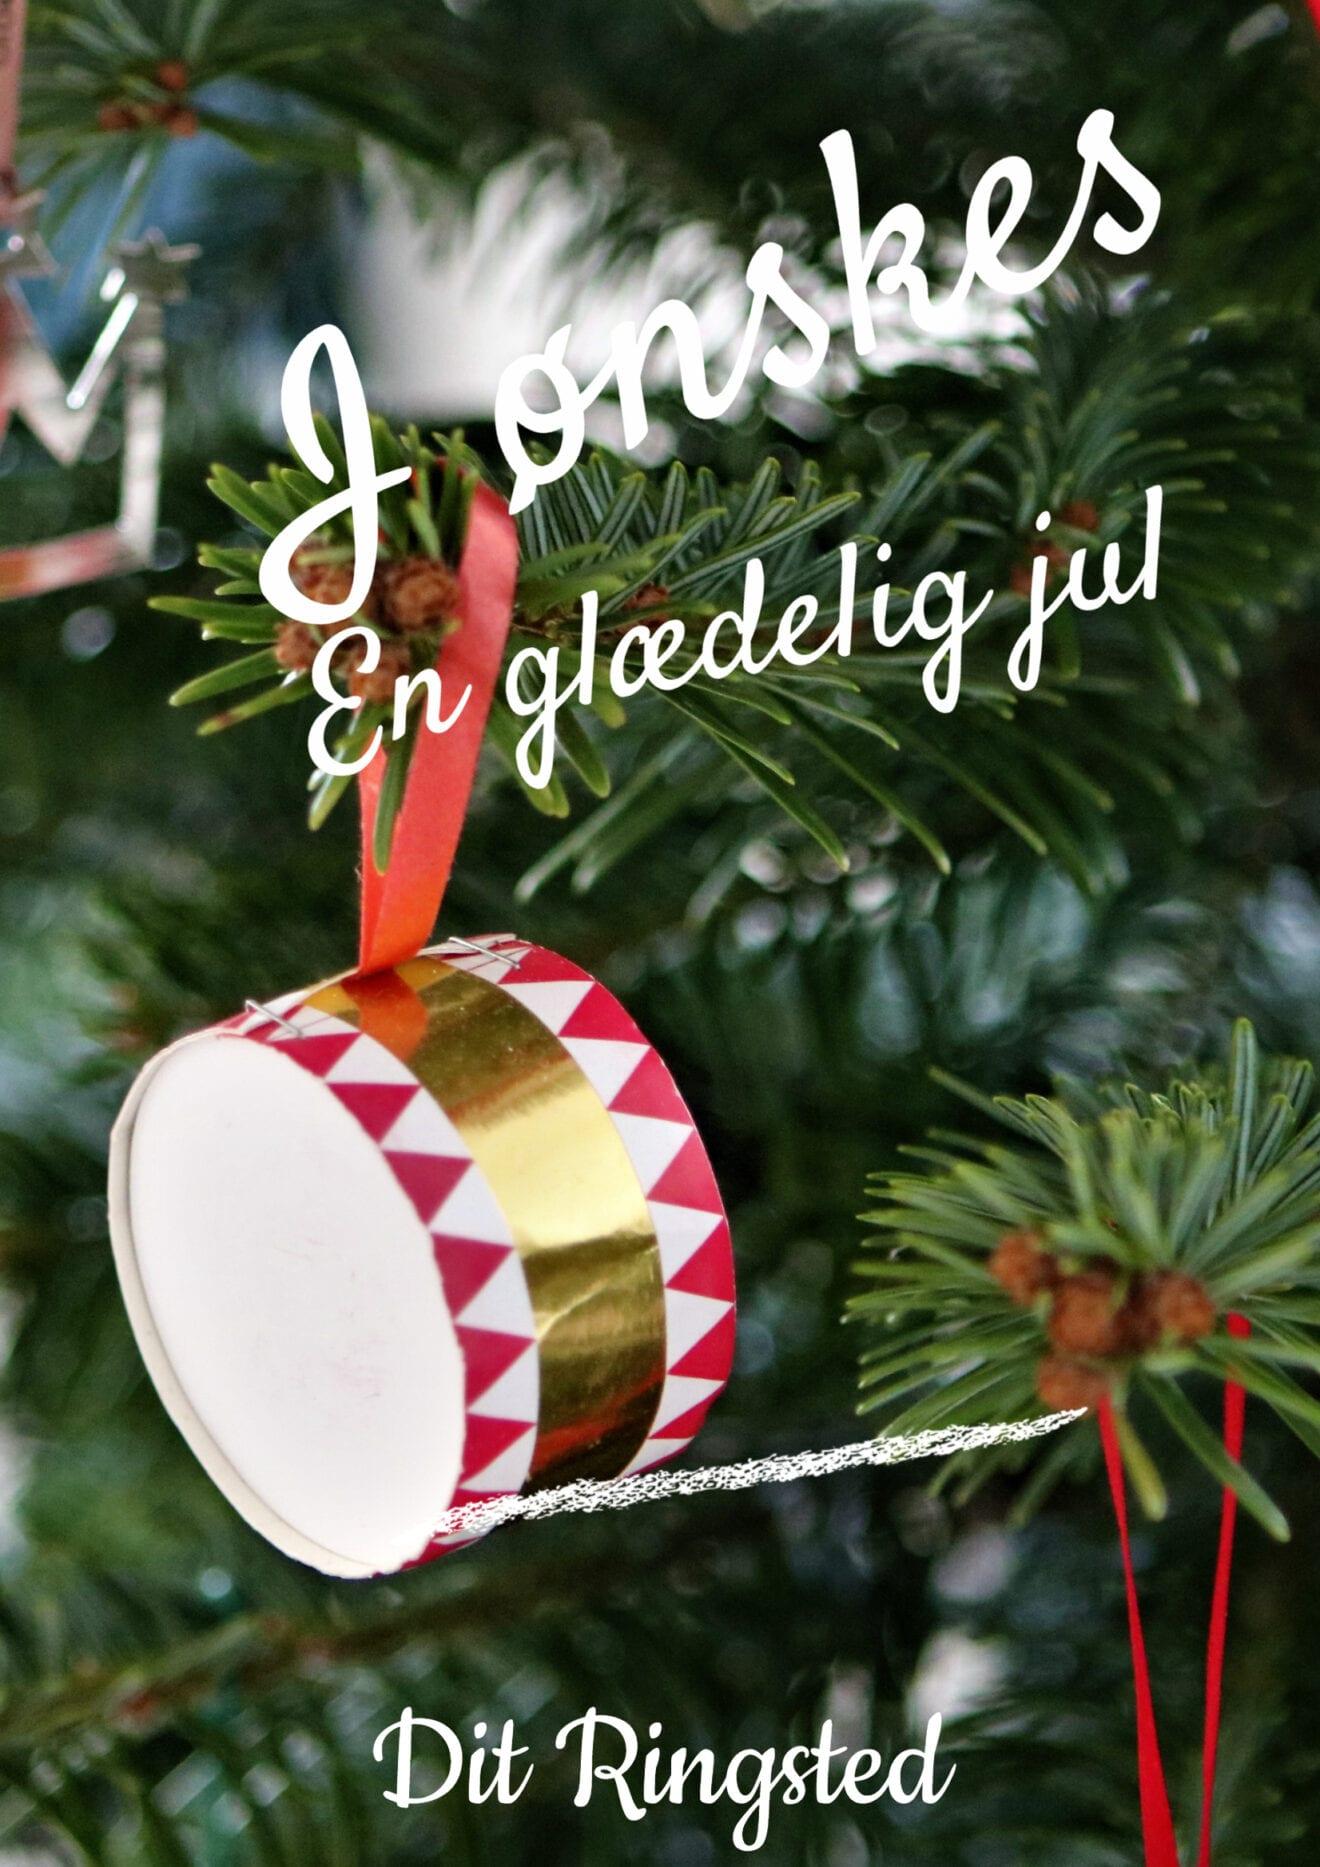 Dit Ringsted ønsker alle en glædelig jul